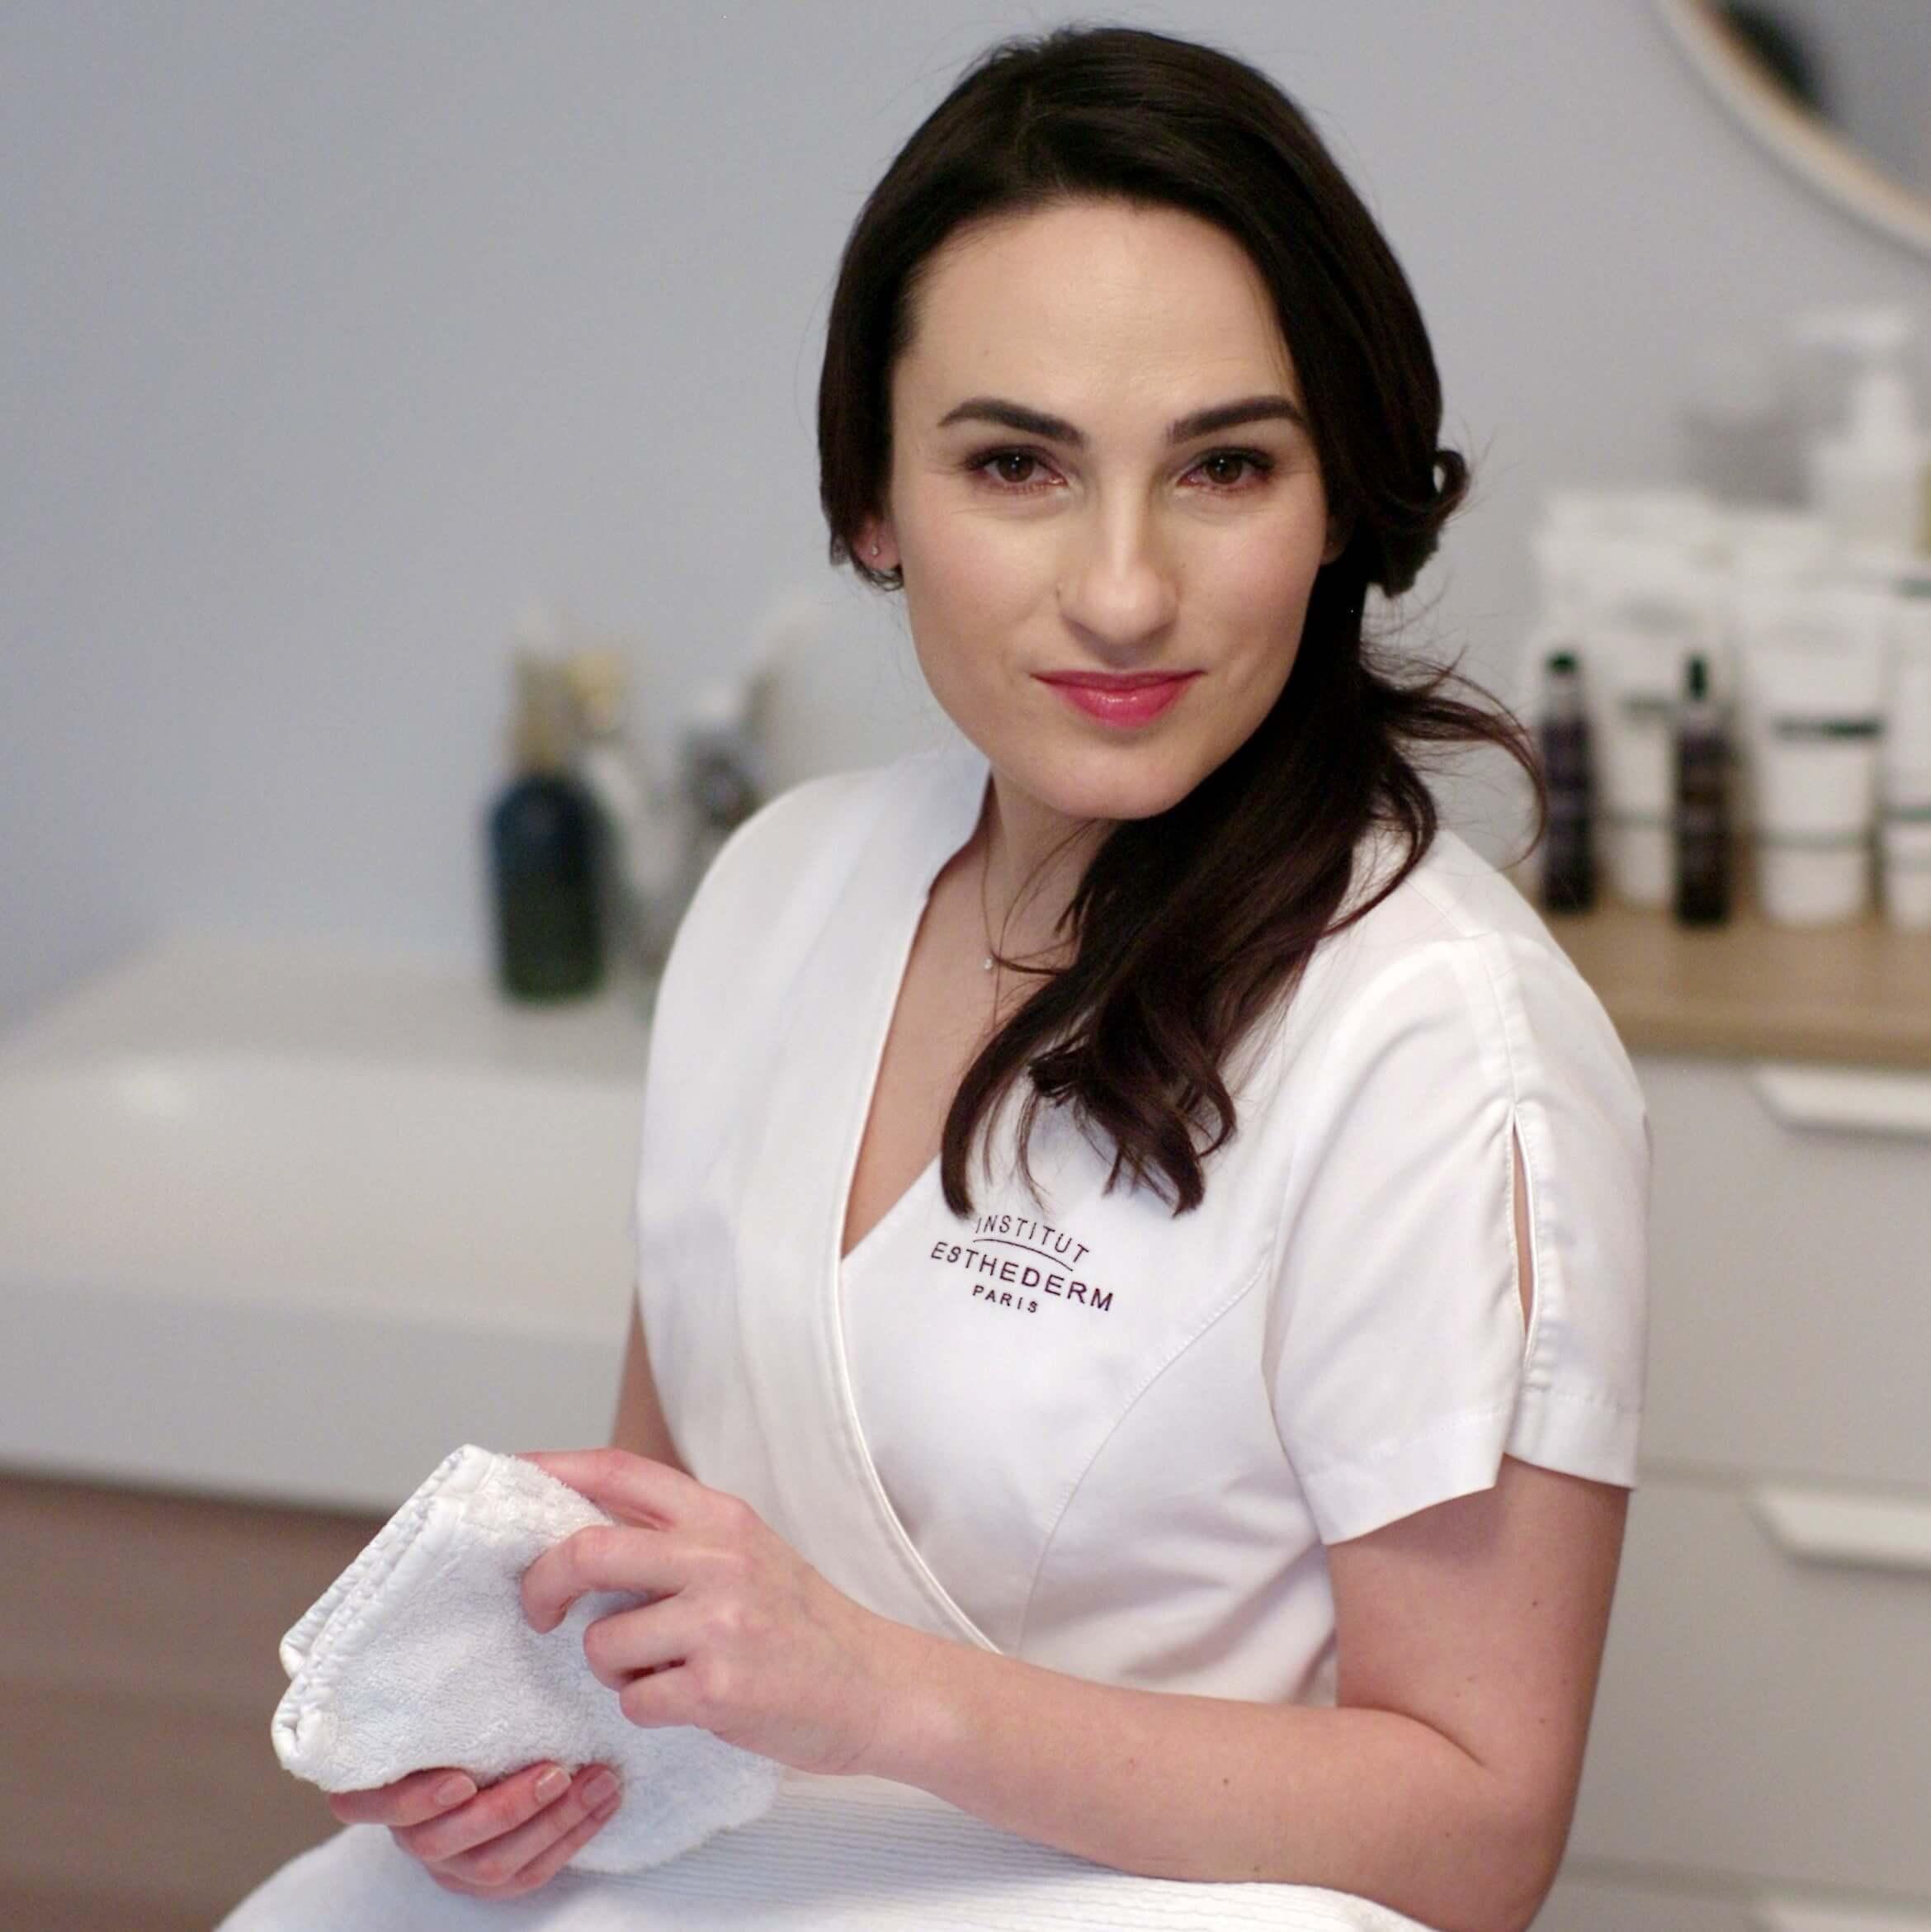 Kosmetologija į mano gyvenimą atėjo mažais žingsneliais - Rita Balčiūnienė - Esthderm.patirtislt